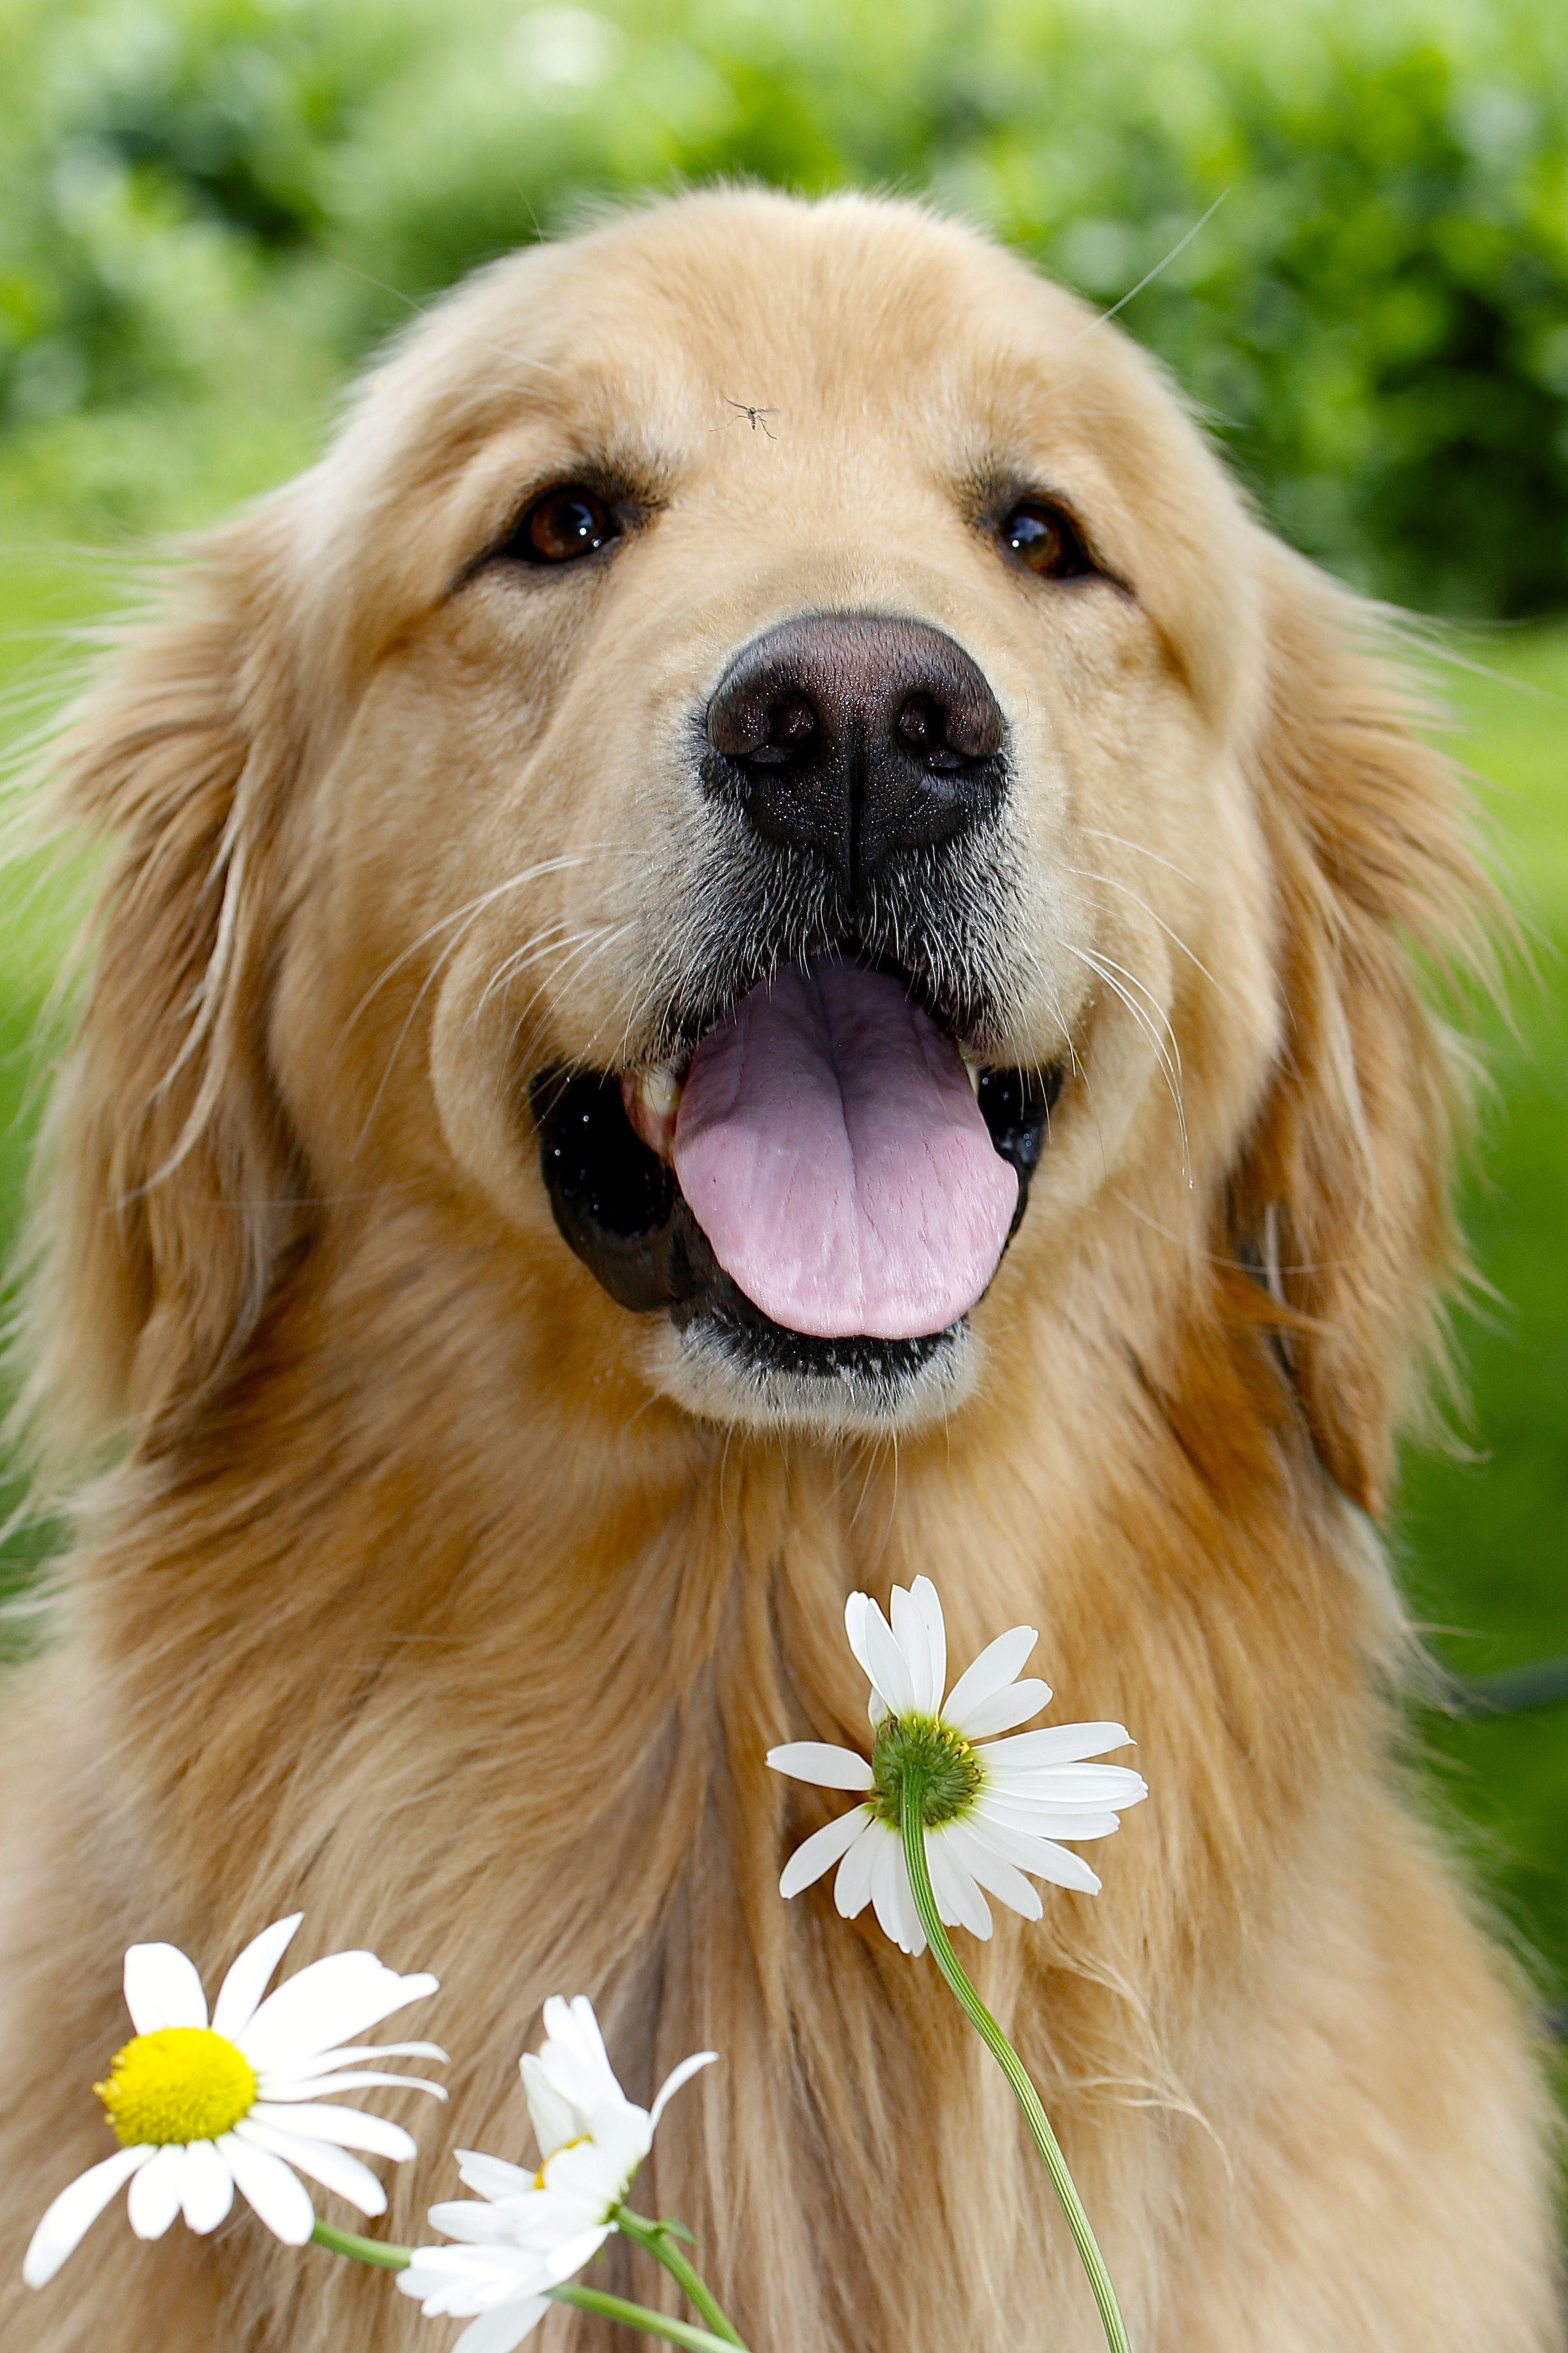 Cool Puppy Dog Com Retriever Puppy Golden Retriever Golden